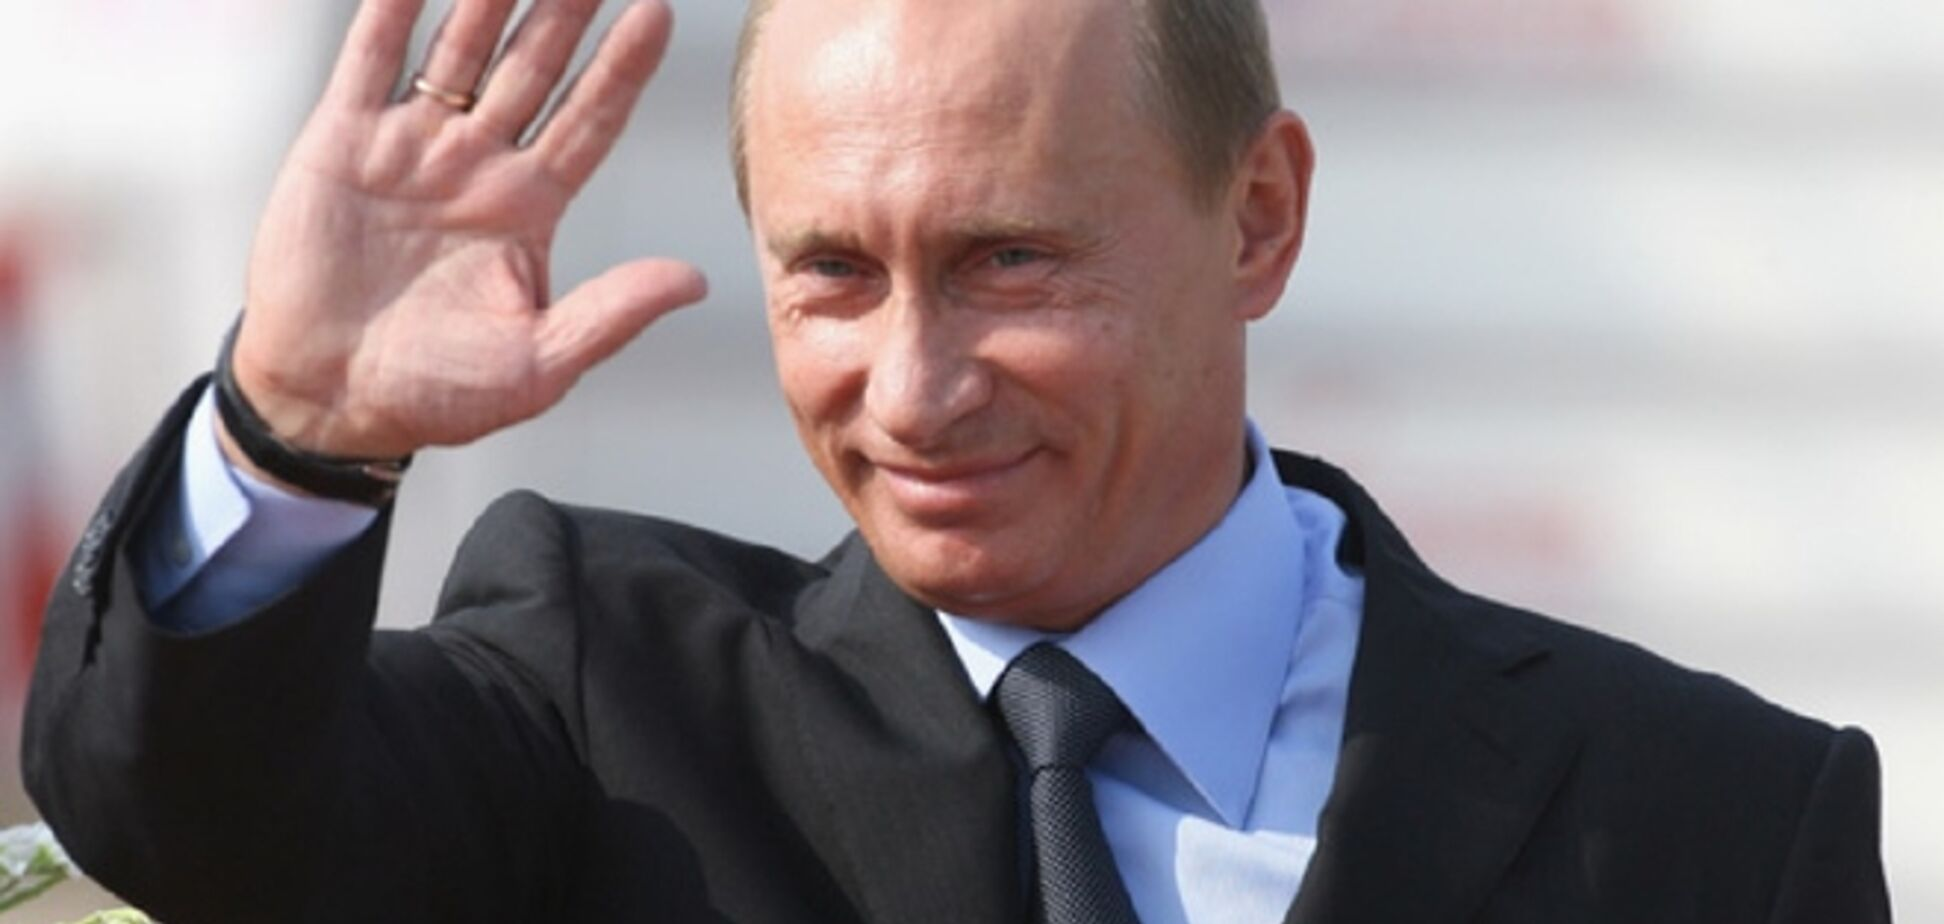 В англомовній Вікіпедії з'явилося визначення виразу 'Путін - х ** ло'